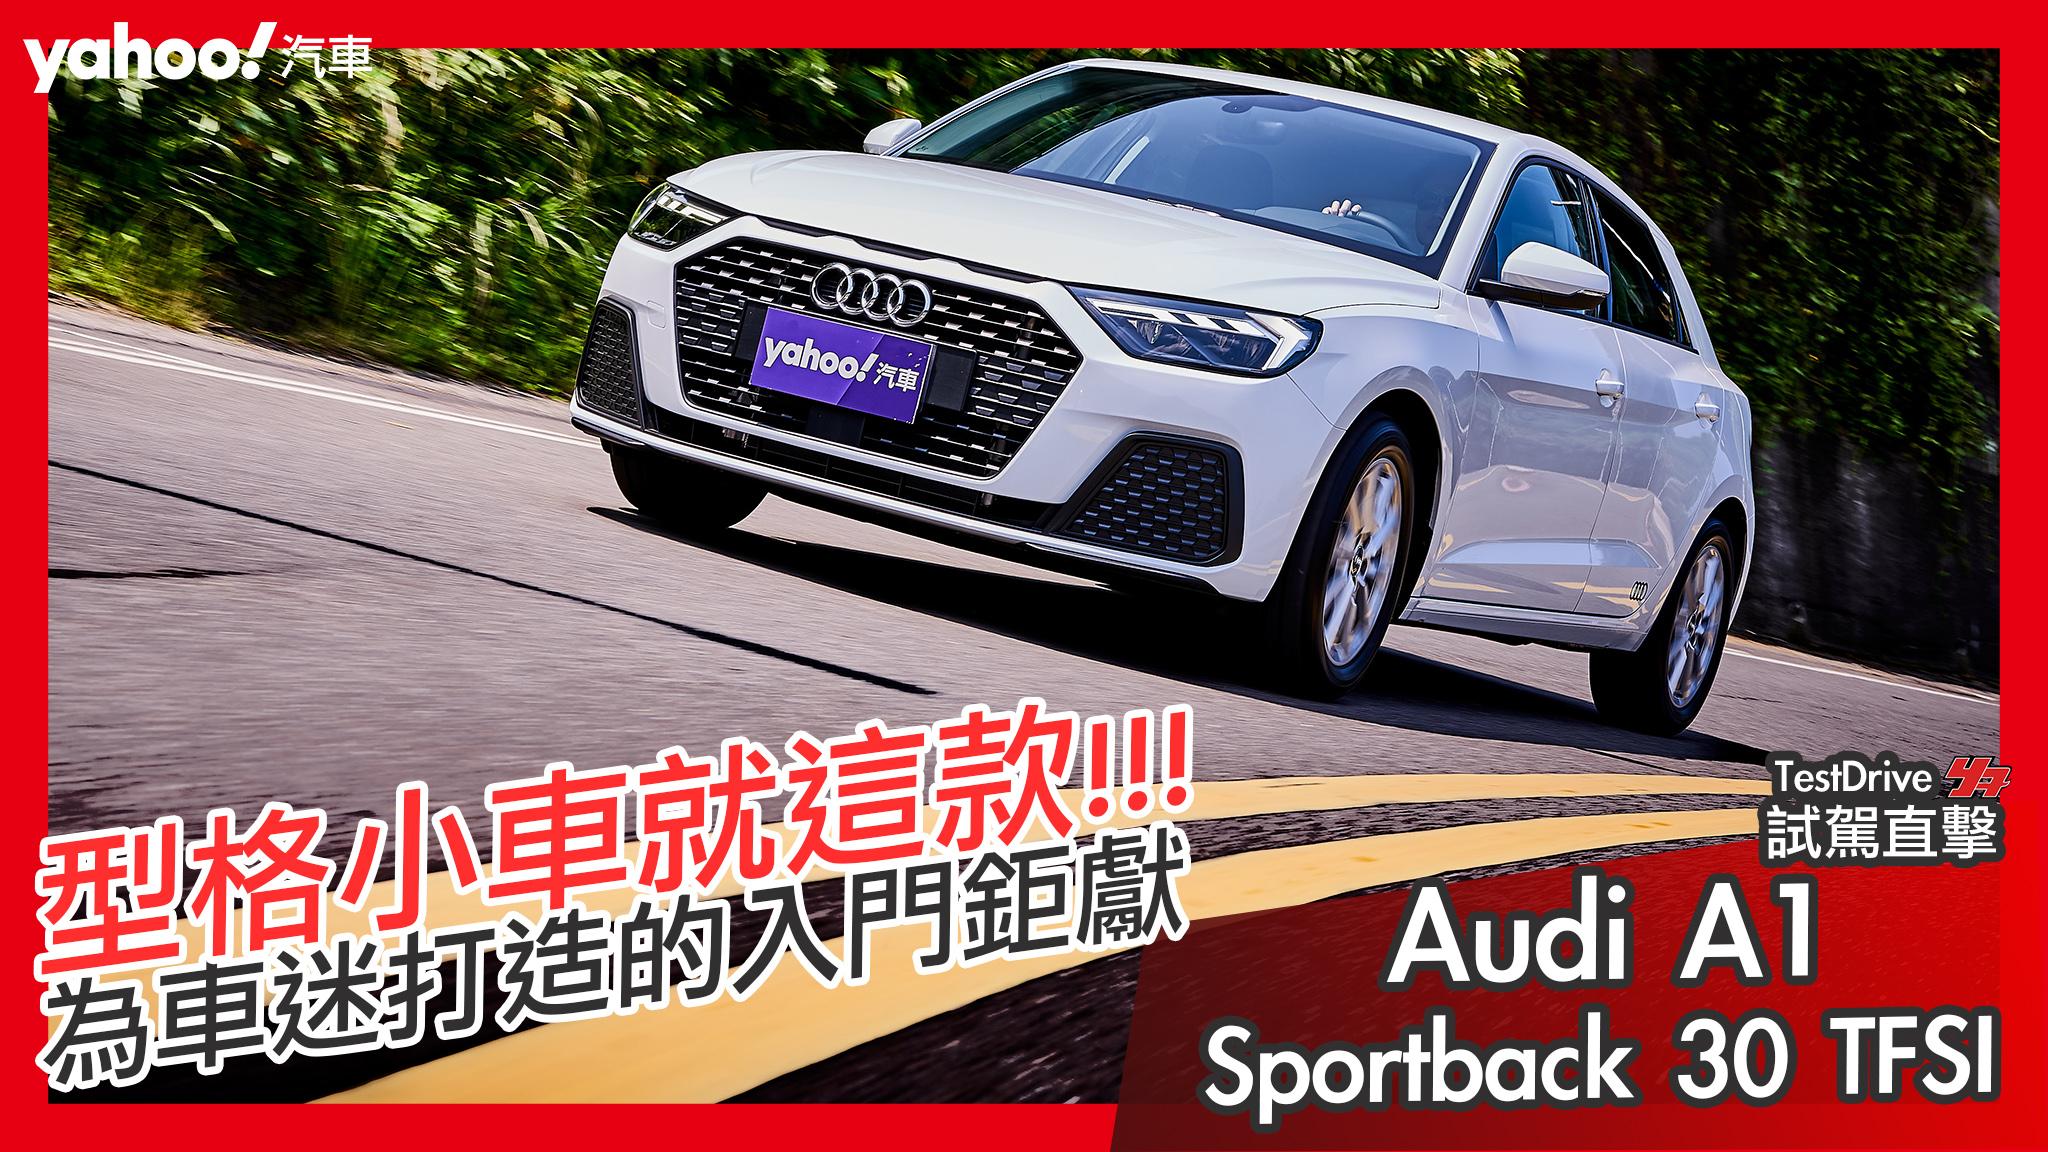 【試駕直擊】為車迷所打造的入門鉅獻!2020 Audi A1 Sportback 30 TFSI海灣試駕